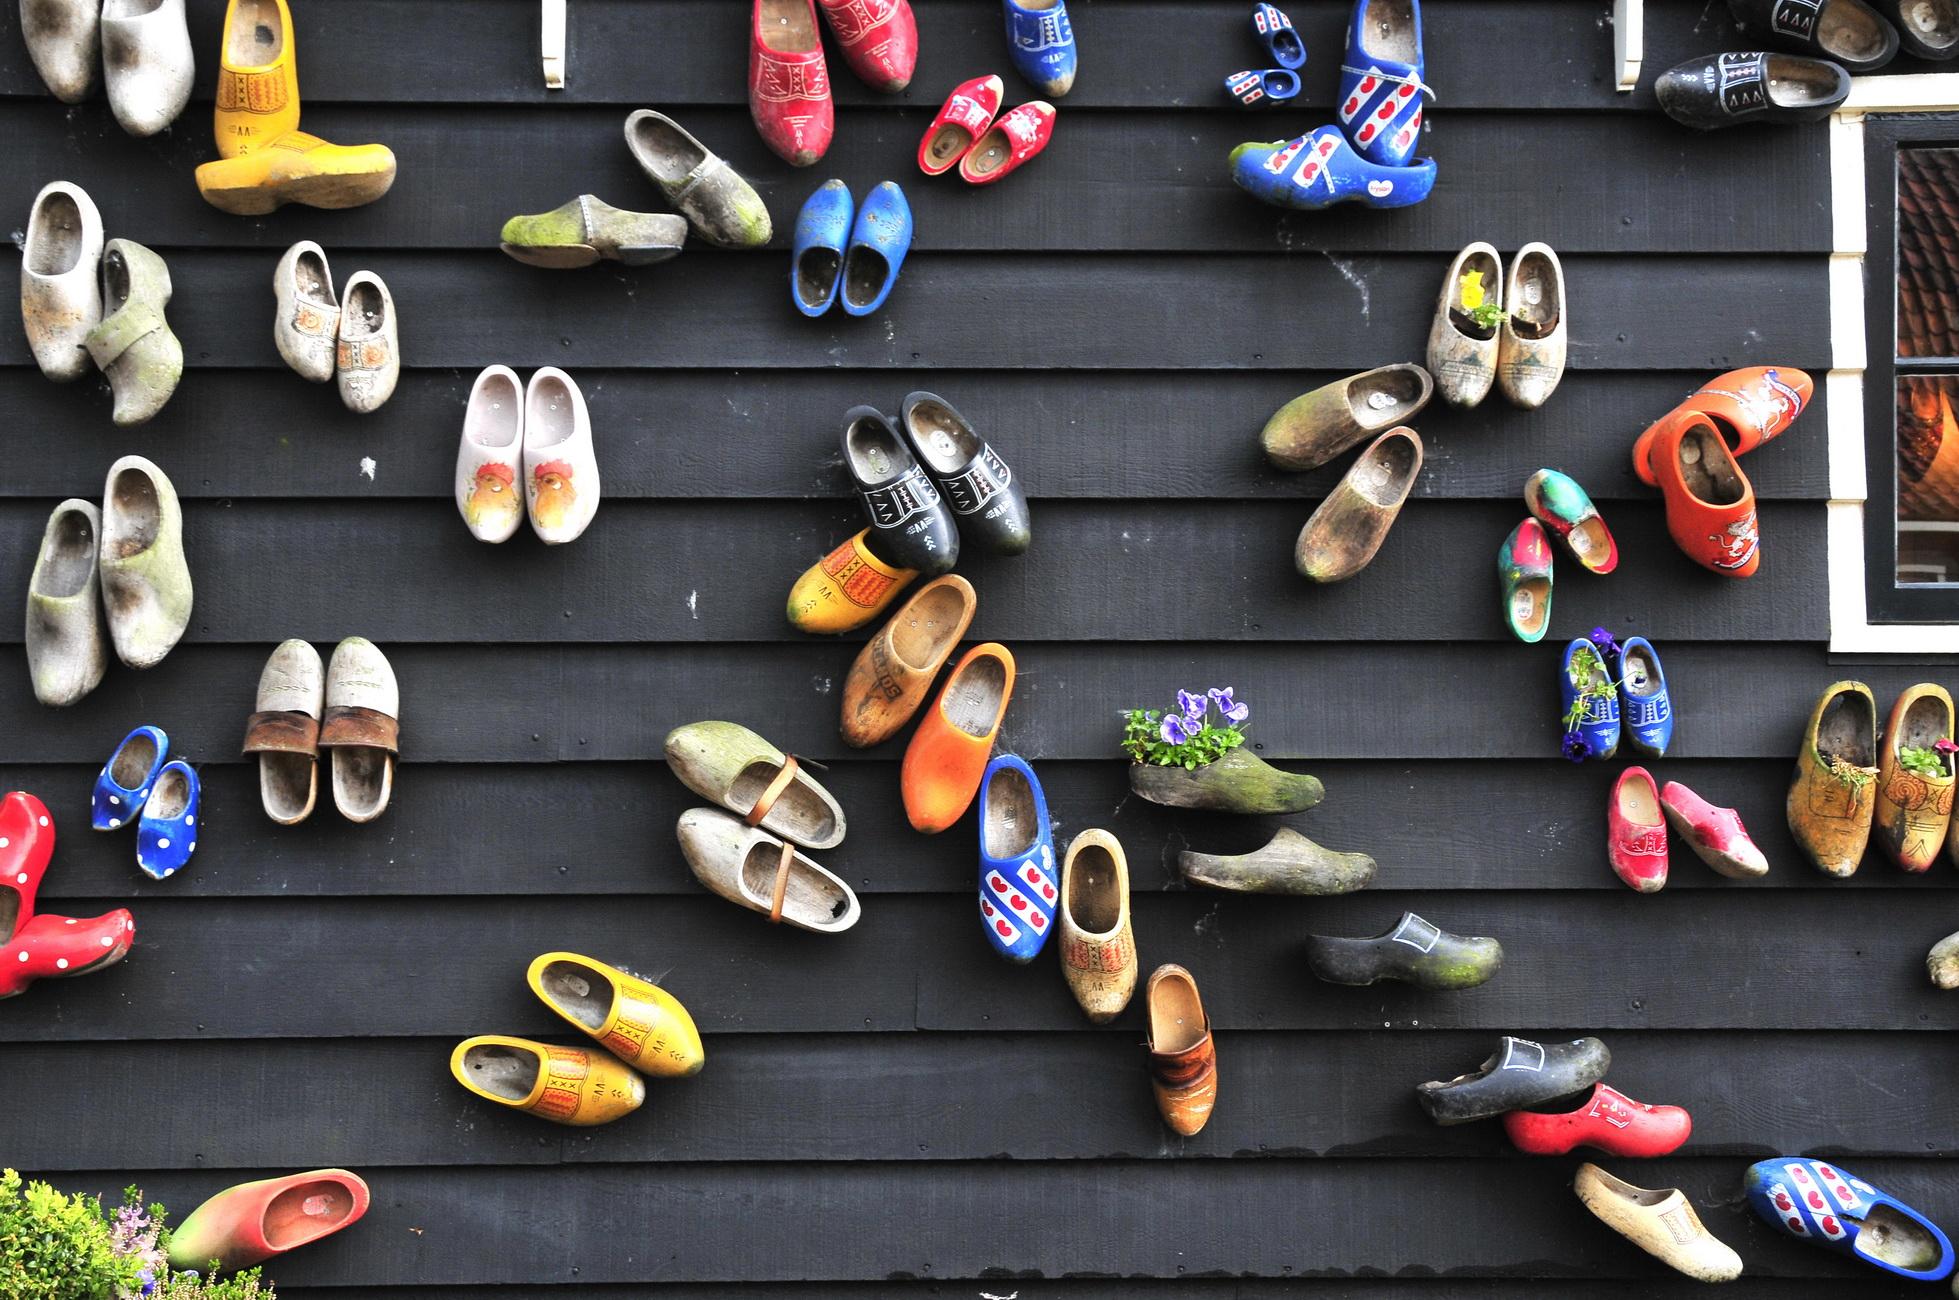 Chuyện về đôi giày gỗ Clog nổi tiếng ở Hà Lan